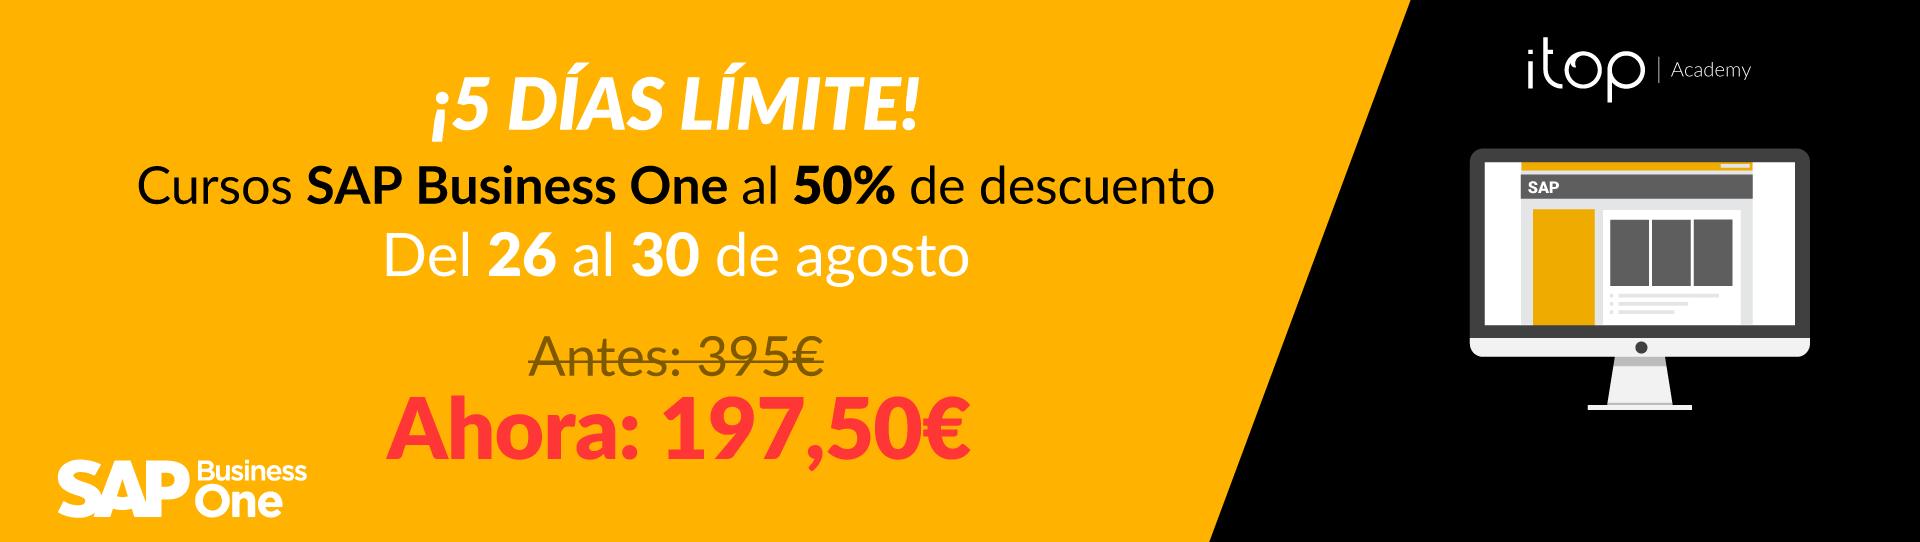 ¡¡¡Volvemos a lanzar los 5 DÍAS LÍMITE!!! 50% de Descuento en TODOS los Cursos de SAP Business One